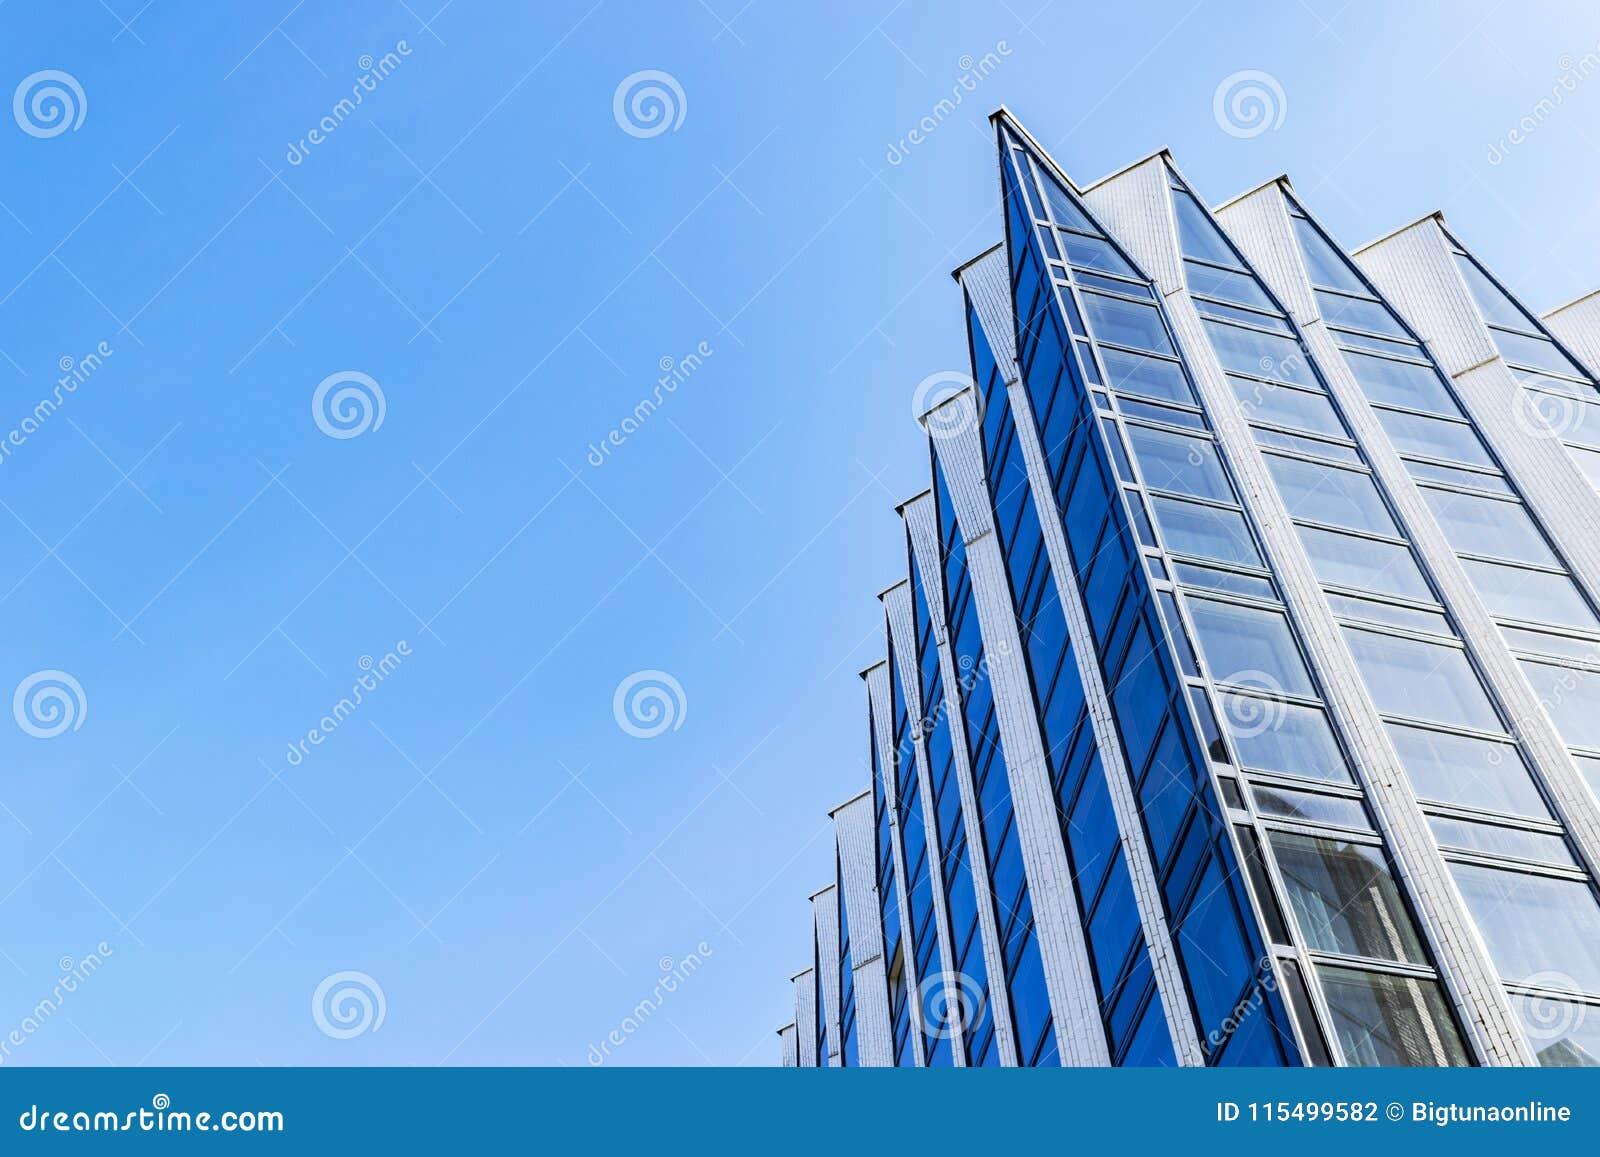 Λεπτομέρεια του εξωτερικού κτιρίου γραφείων Ορίζοντας επιχειρησιακών κτηρίων που ανατρέχει με το μπλε ουρανό Σύγχρονο διαμέρισμα